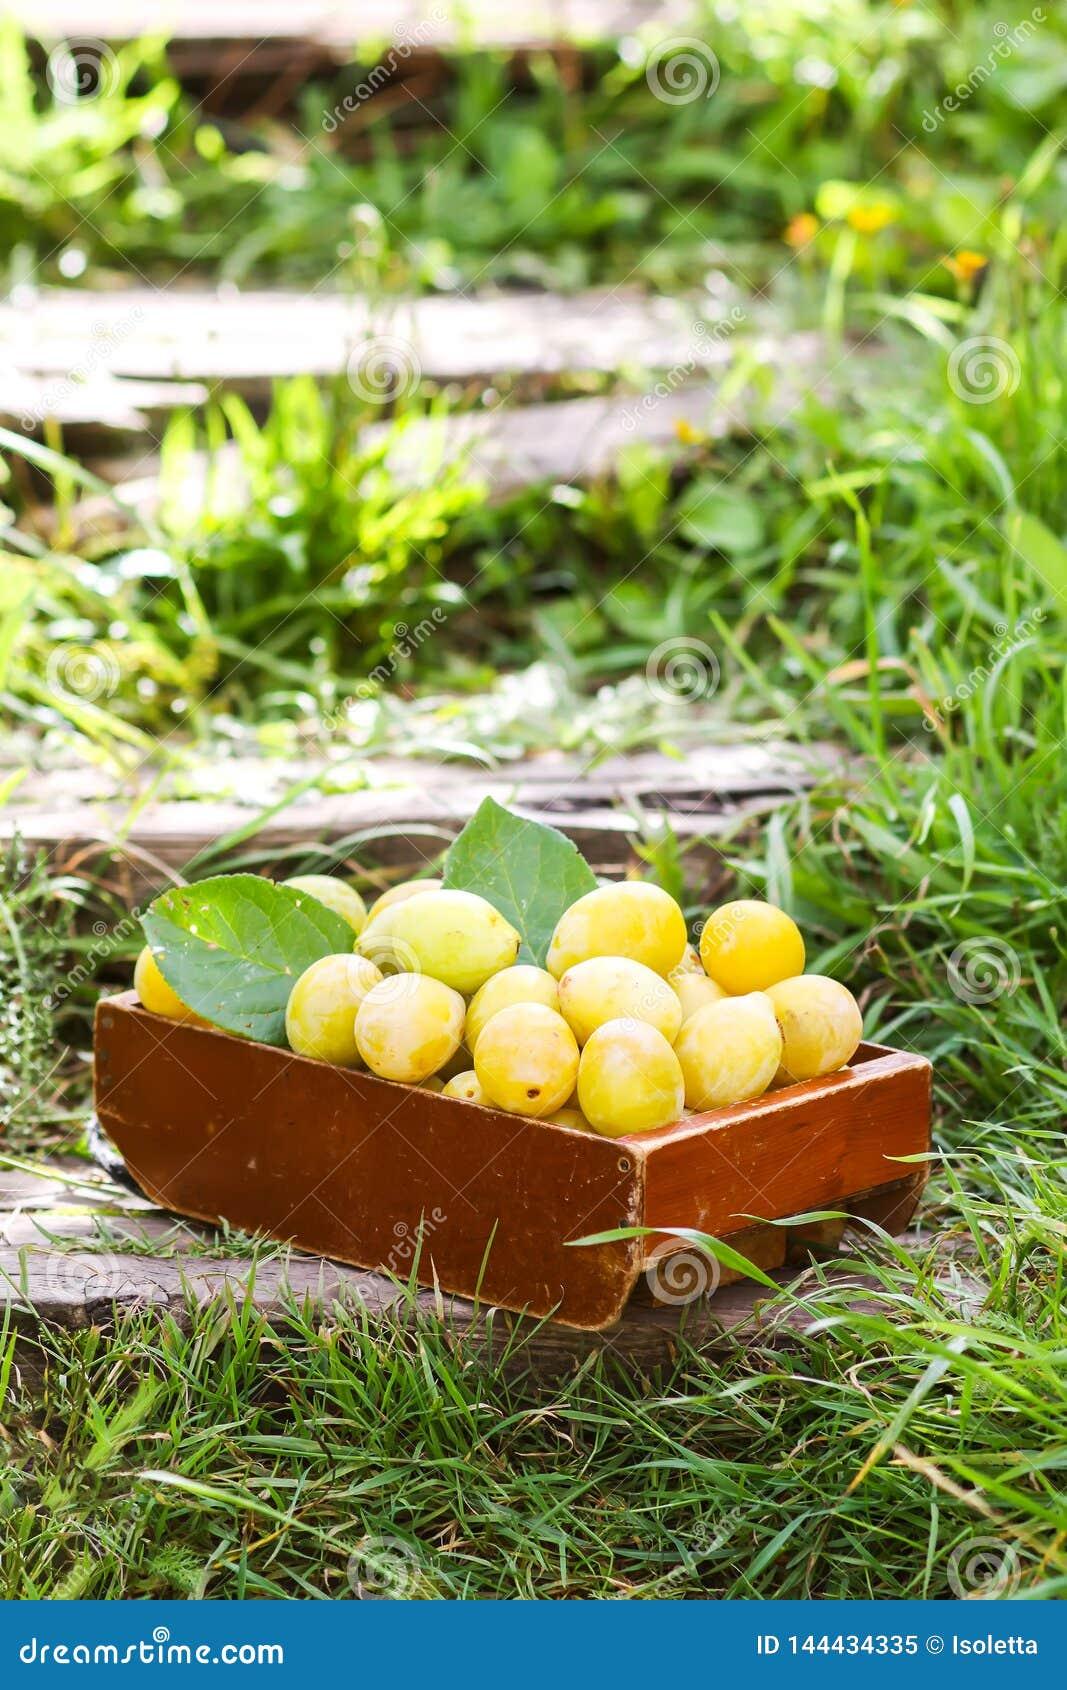 Frische gelbe Pflaumen Reife Fr?chte in einer Holzkiste auf gr?nem Sommergras